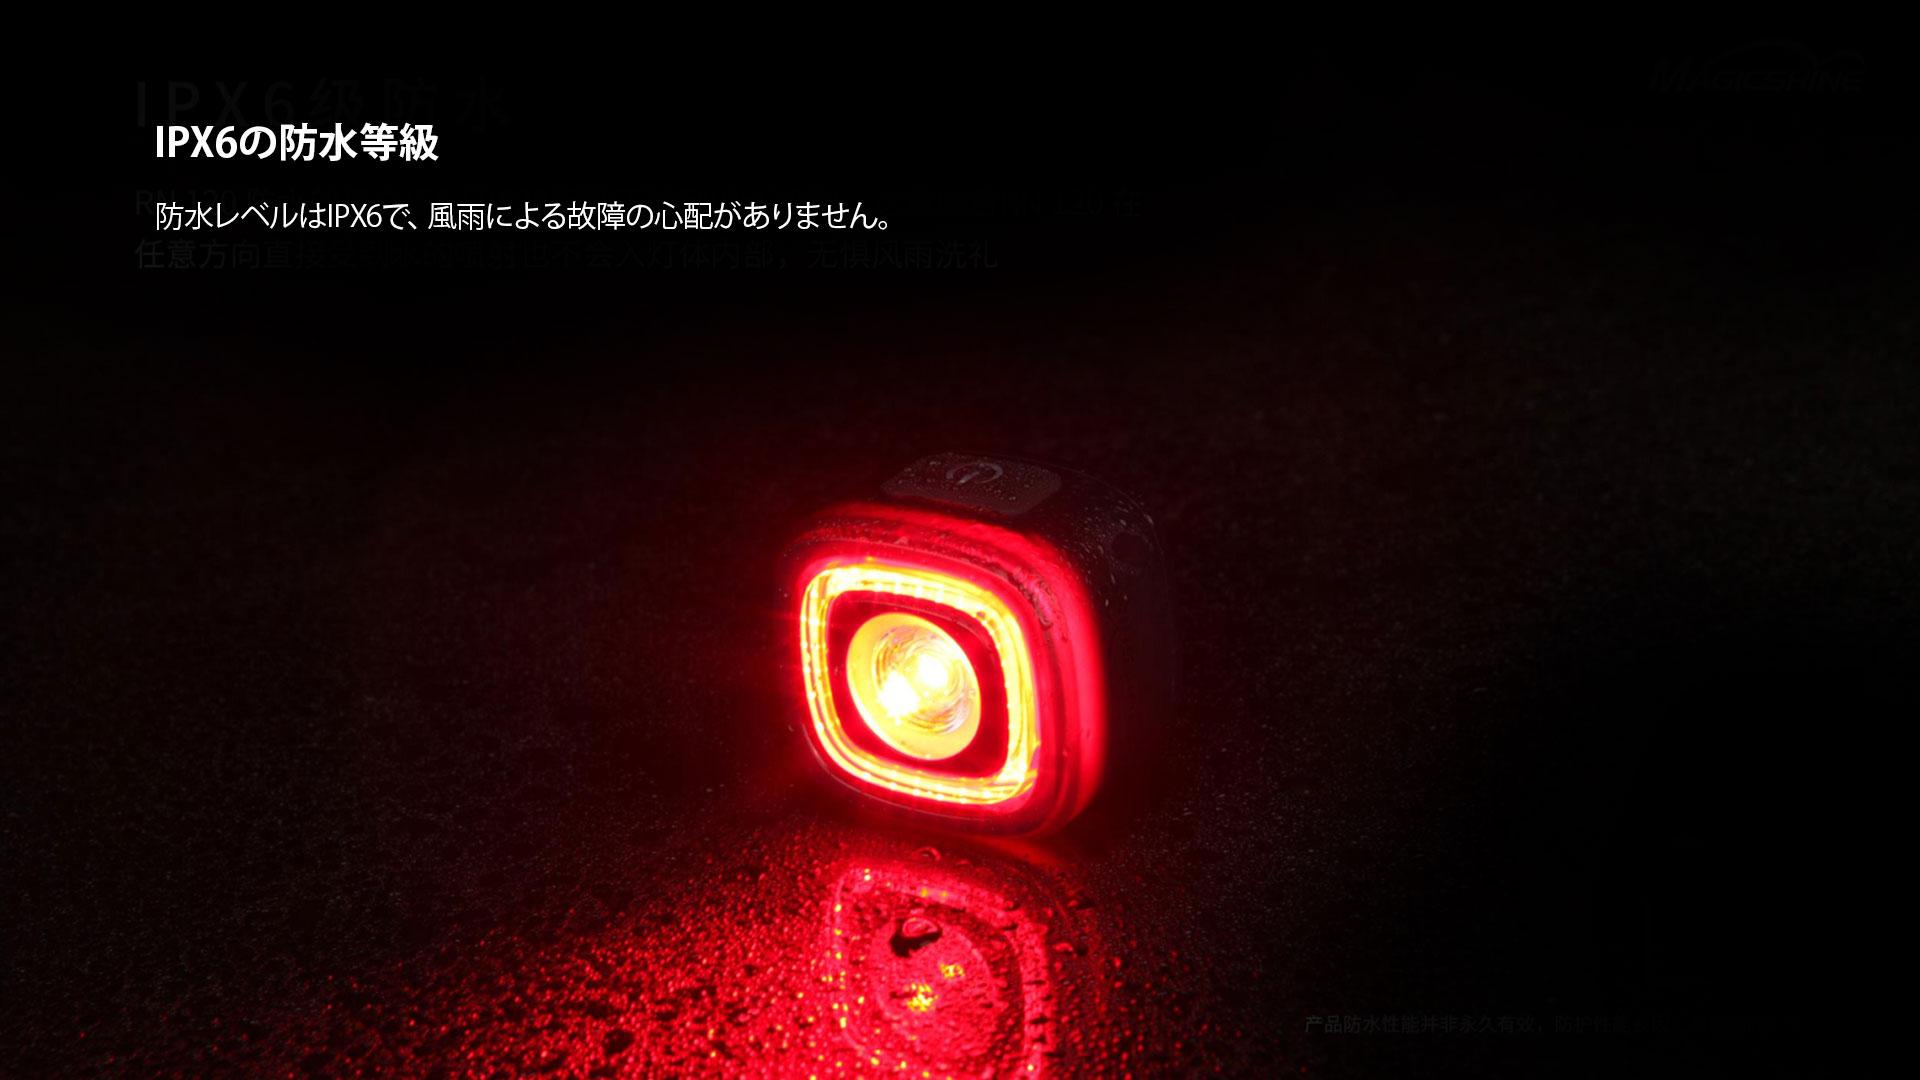 RN120自転車テールライトの視覚化された電力:緑3秒21-100%電力、赤3秒6%-20%電力、赤3秒間点滅2%-5%電力